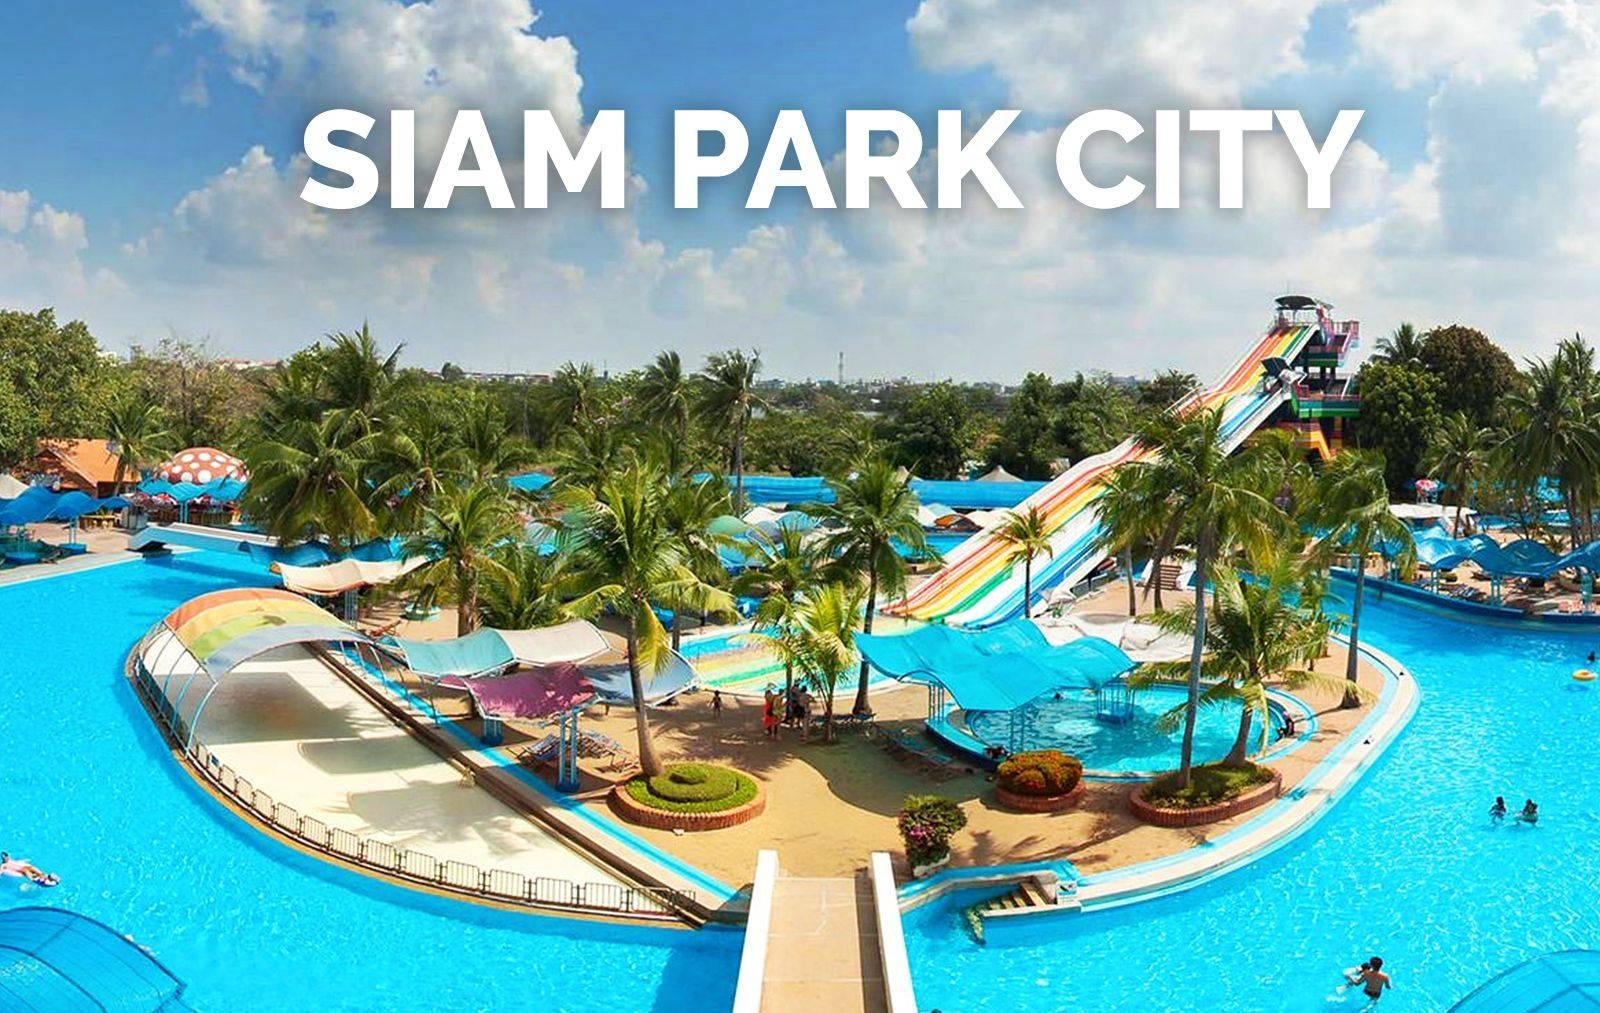 Siam Park City: Asia's Largest Water Park & Thailand's Biggest Theme Park